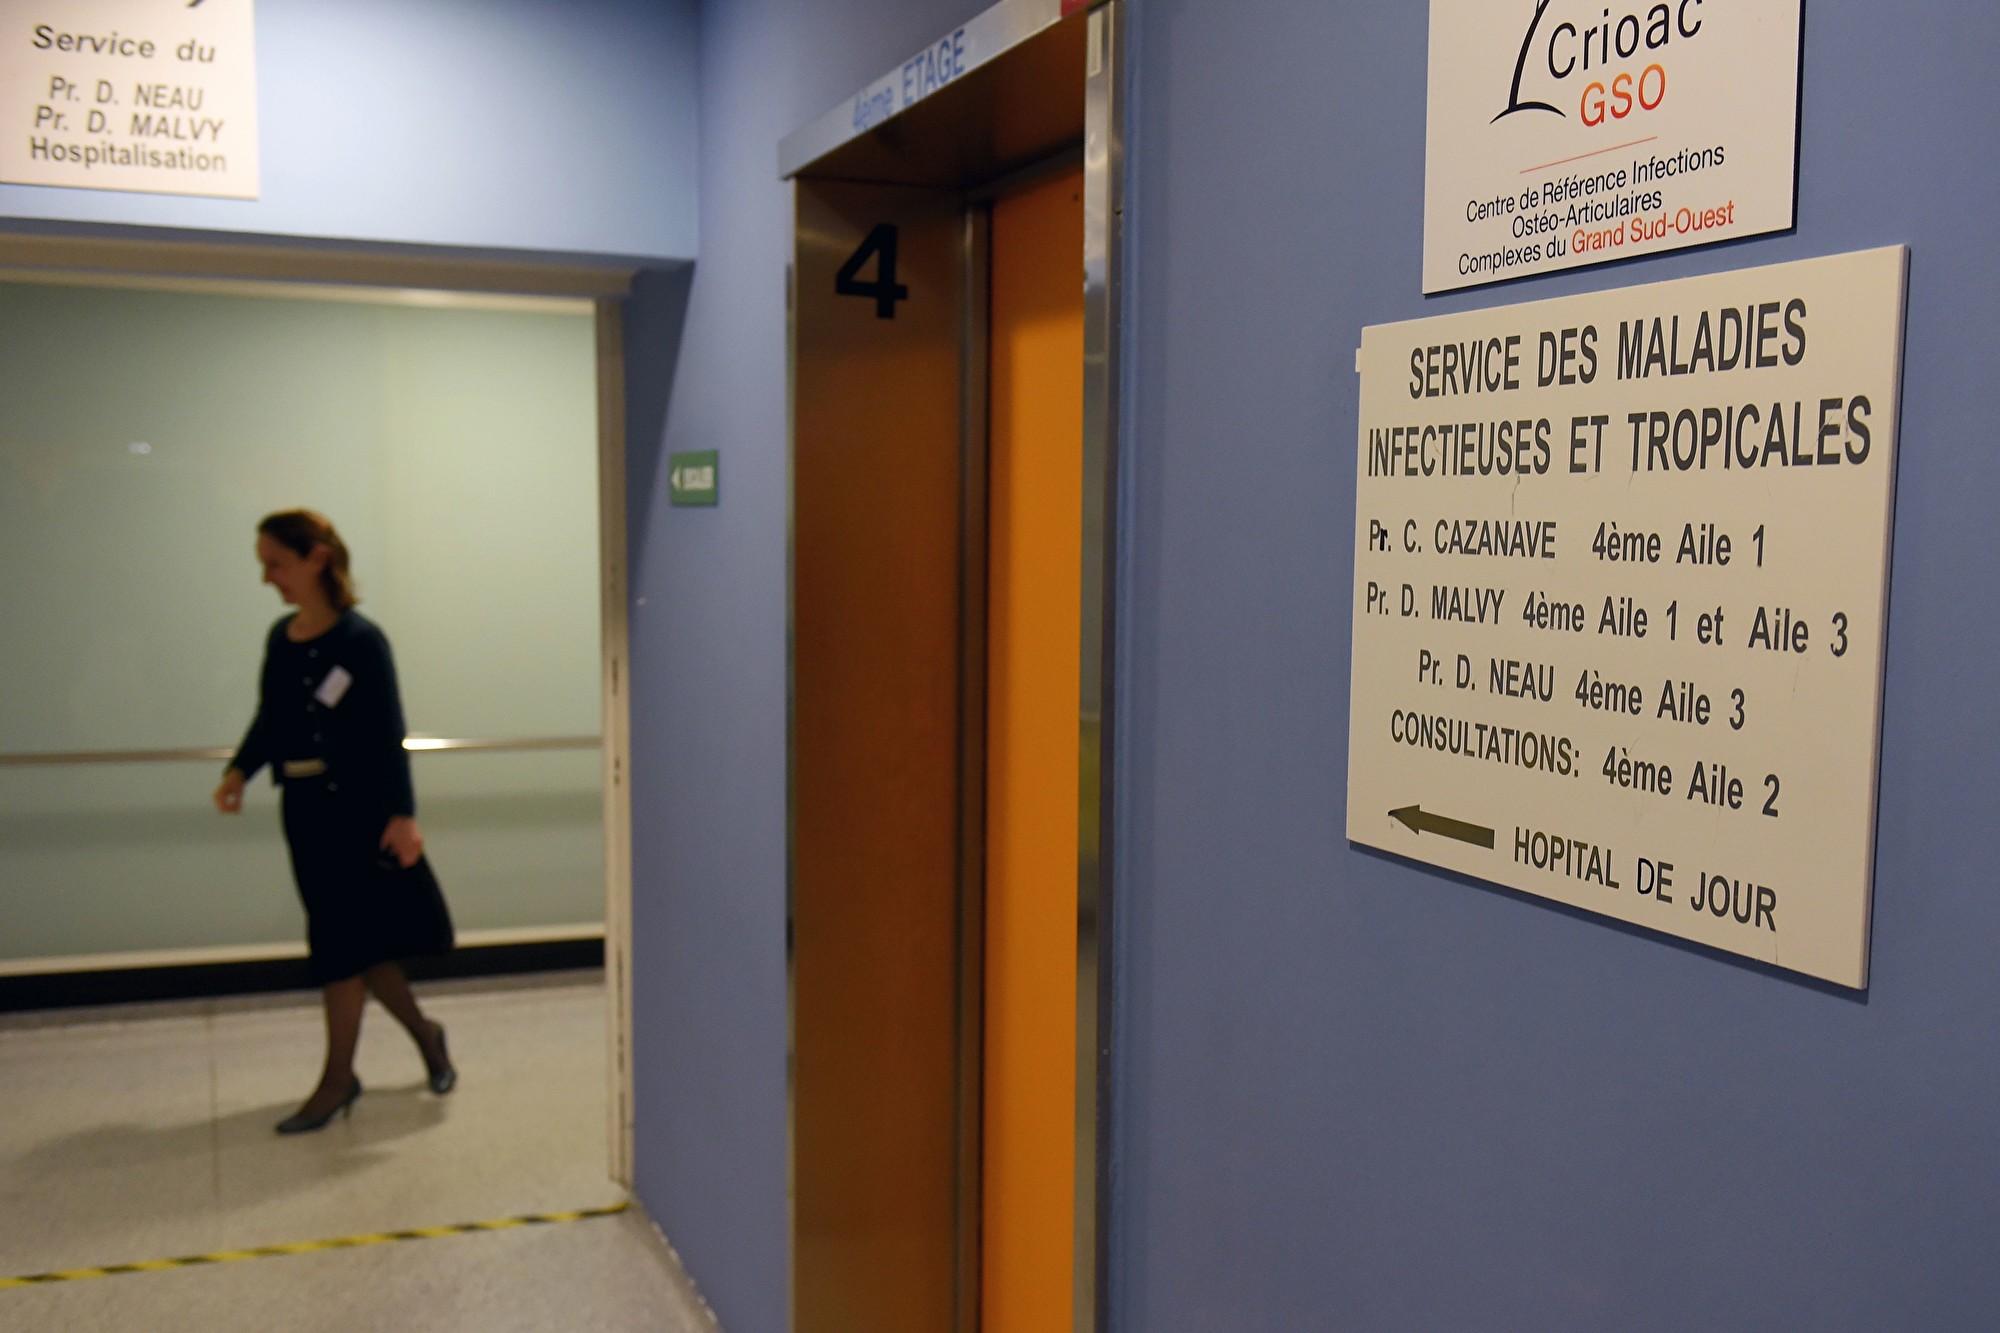 武漢肺炎肆虐 法國留學生講述在華經歷